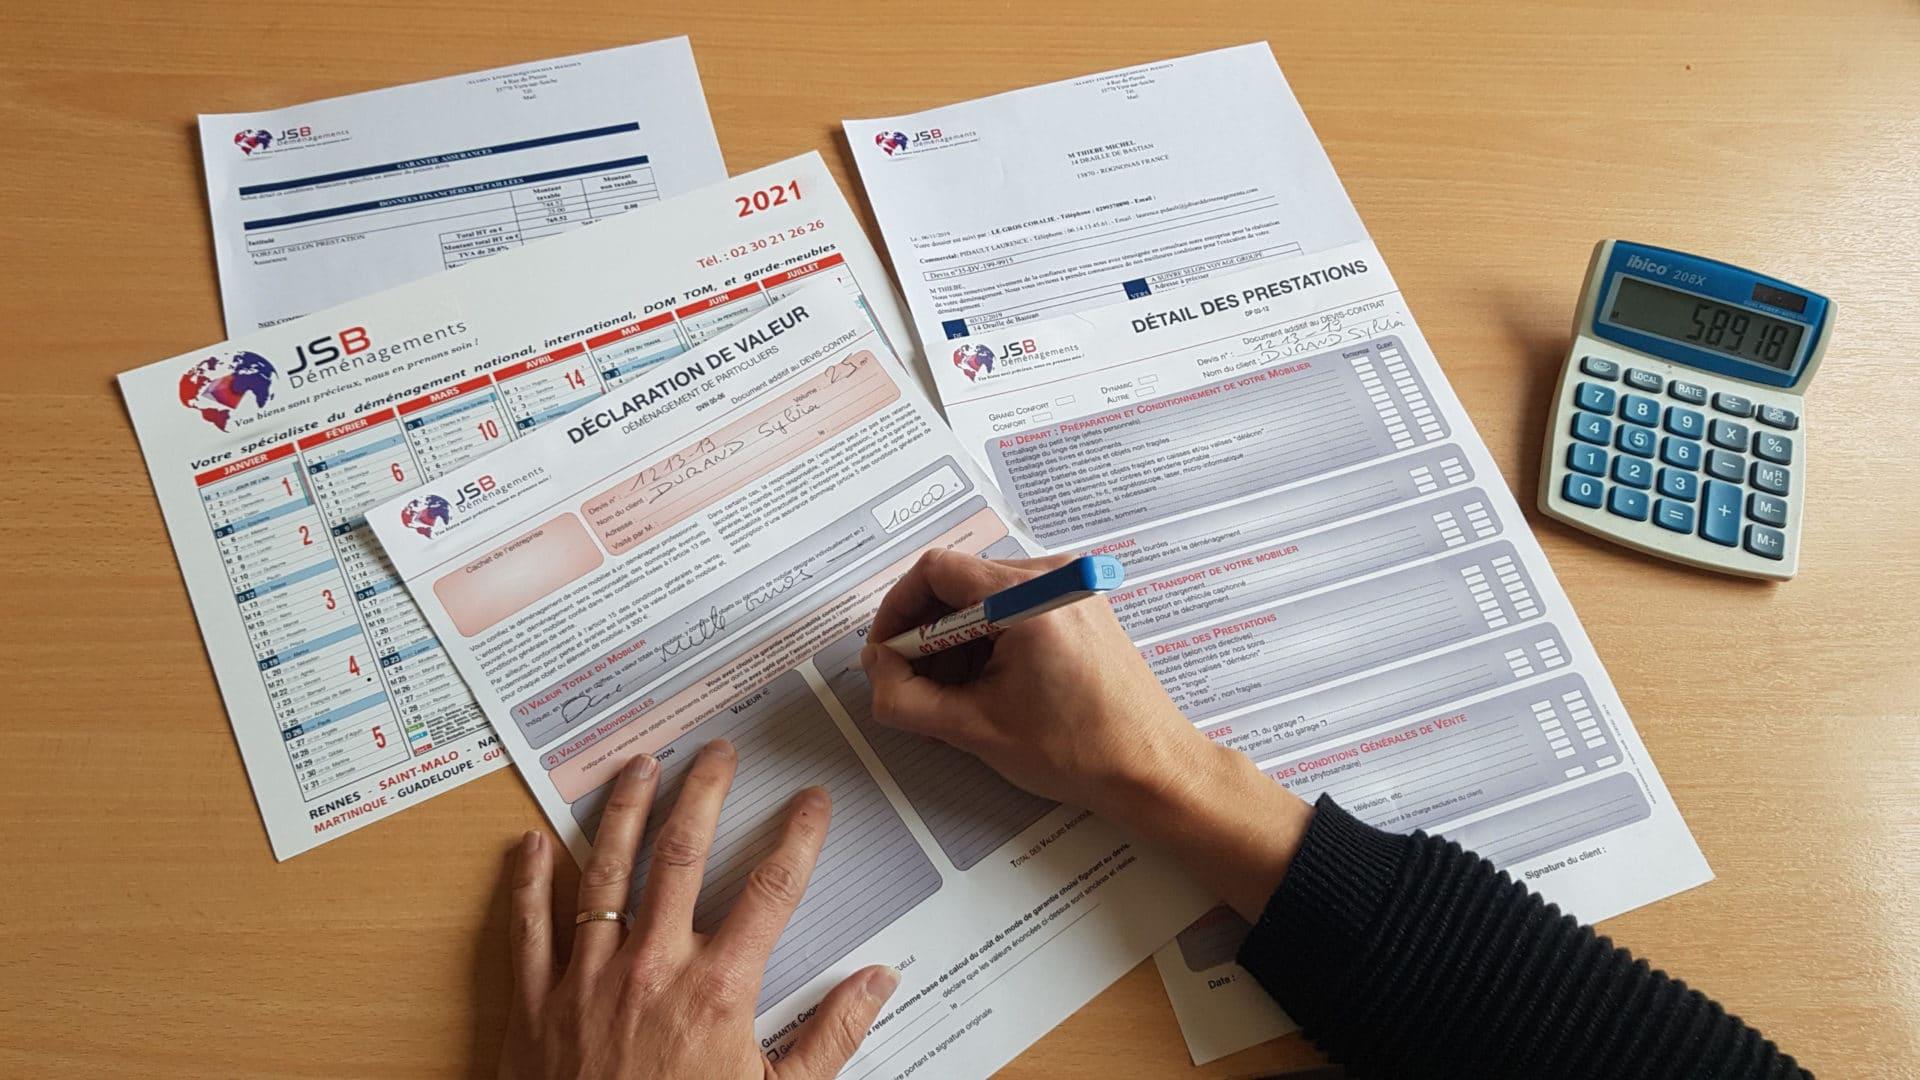 JSB Déménagements Signature Devis 293